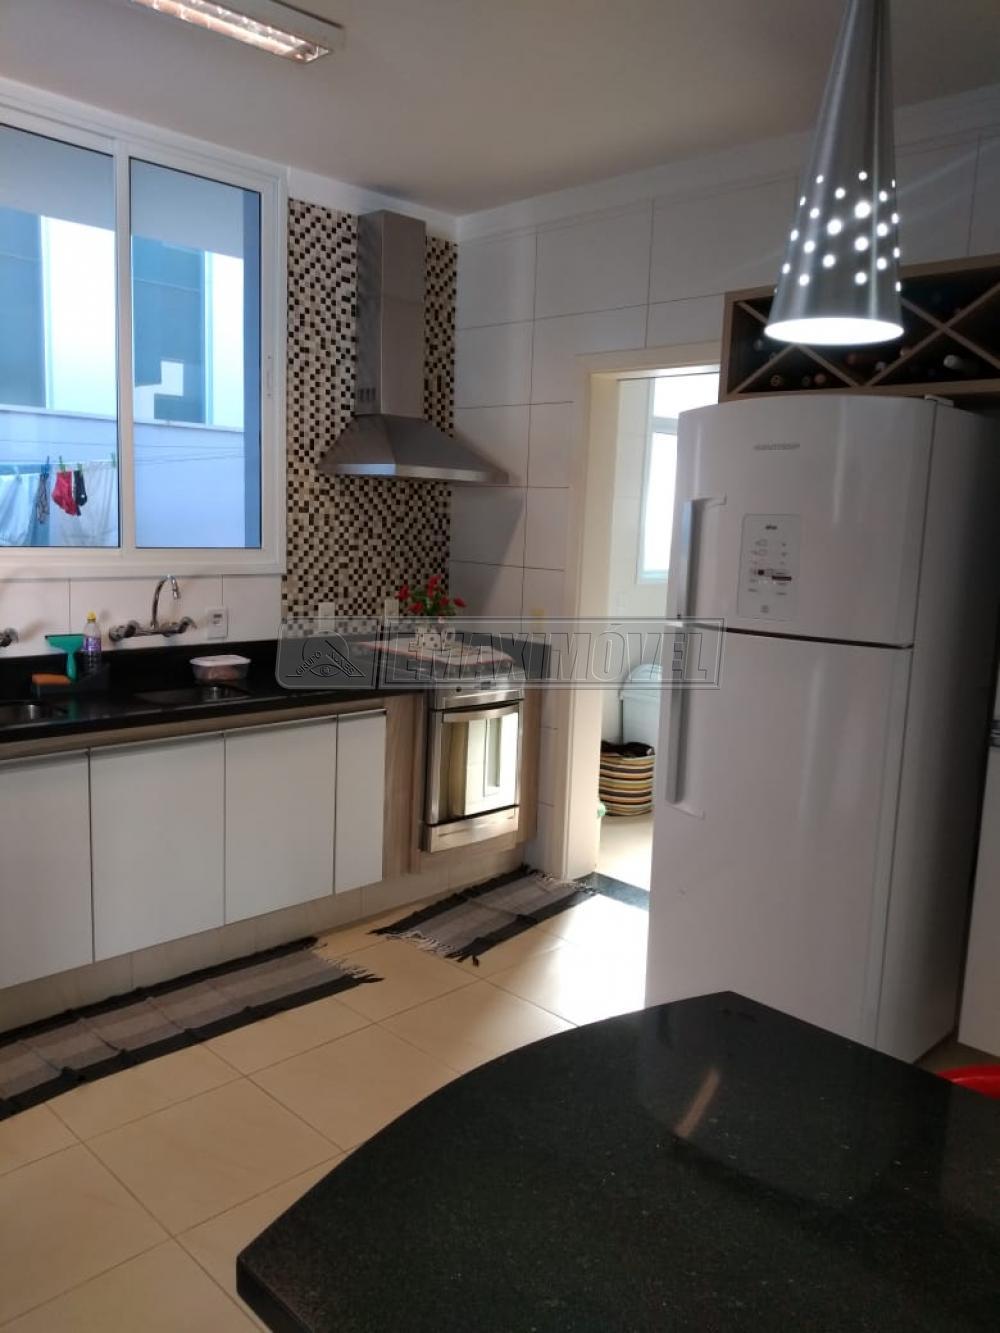 Comprar Casa / em Condomínios em Sorocaba R$ 1.500.000,00 - Foto 24